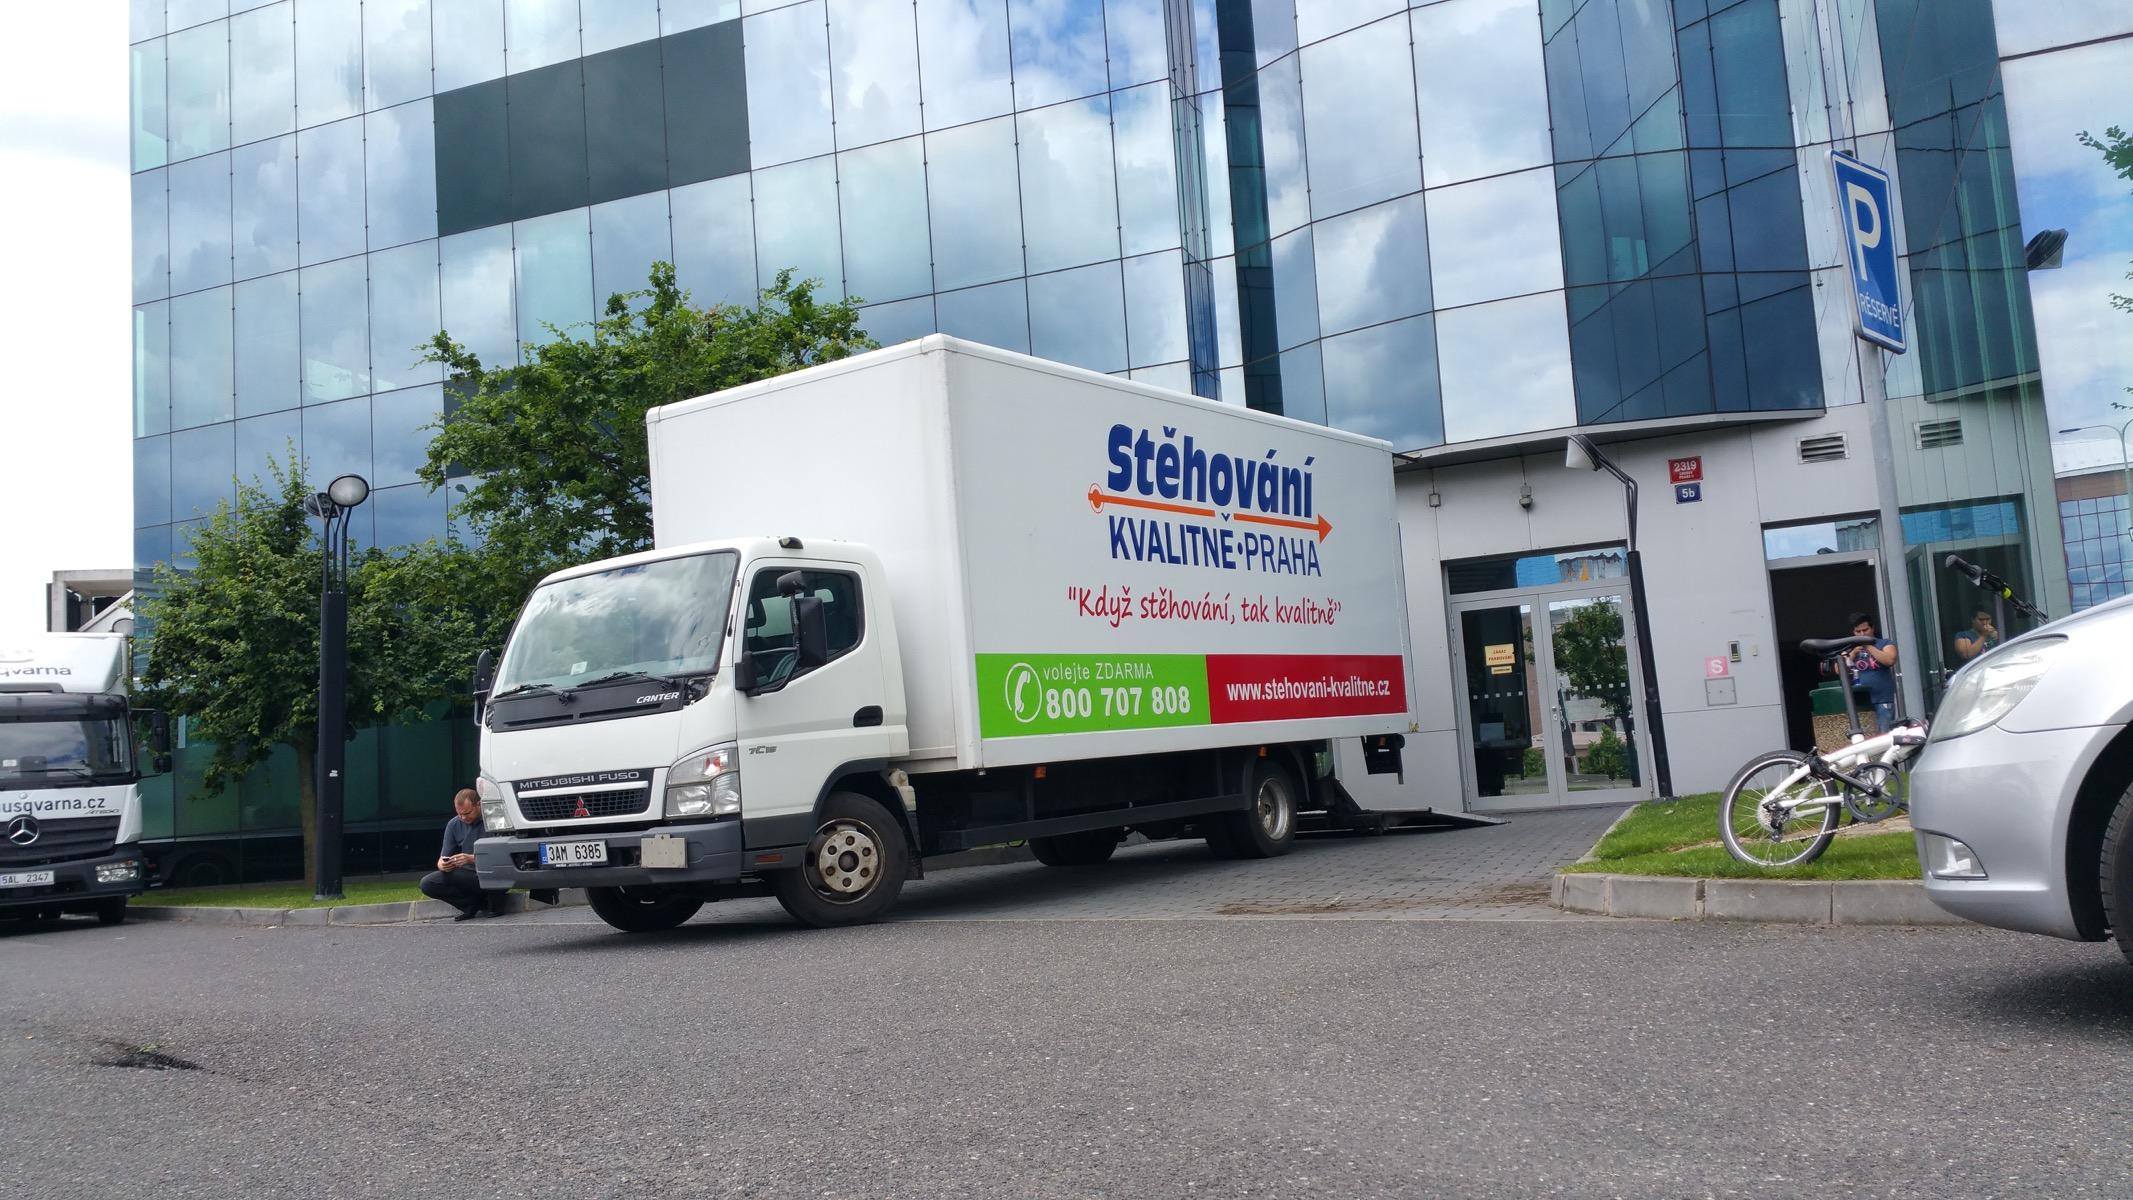 Foto: Stehovani-kvalitne.cz, stěhování bytů, domů i firem